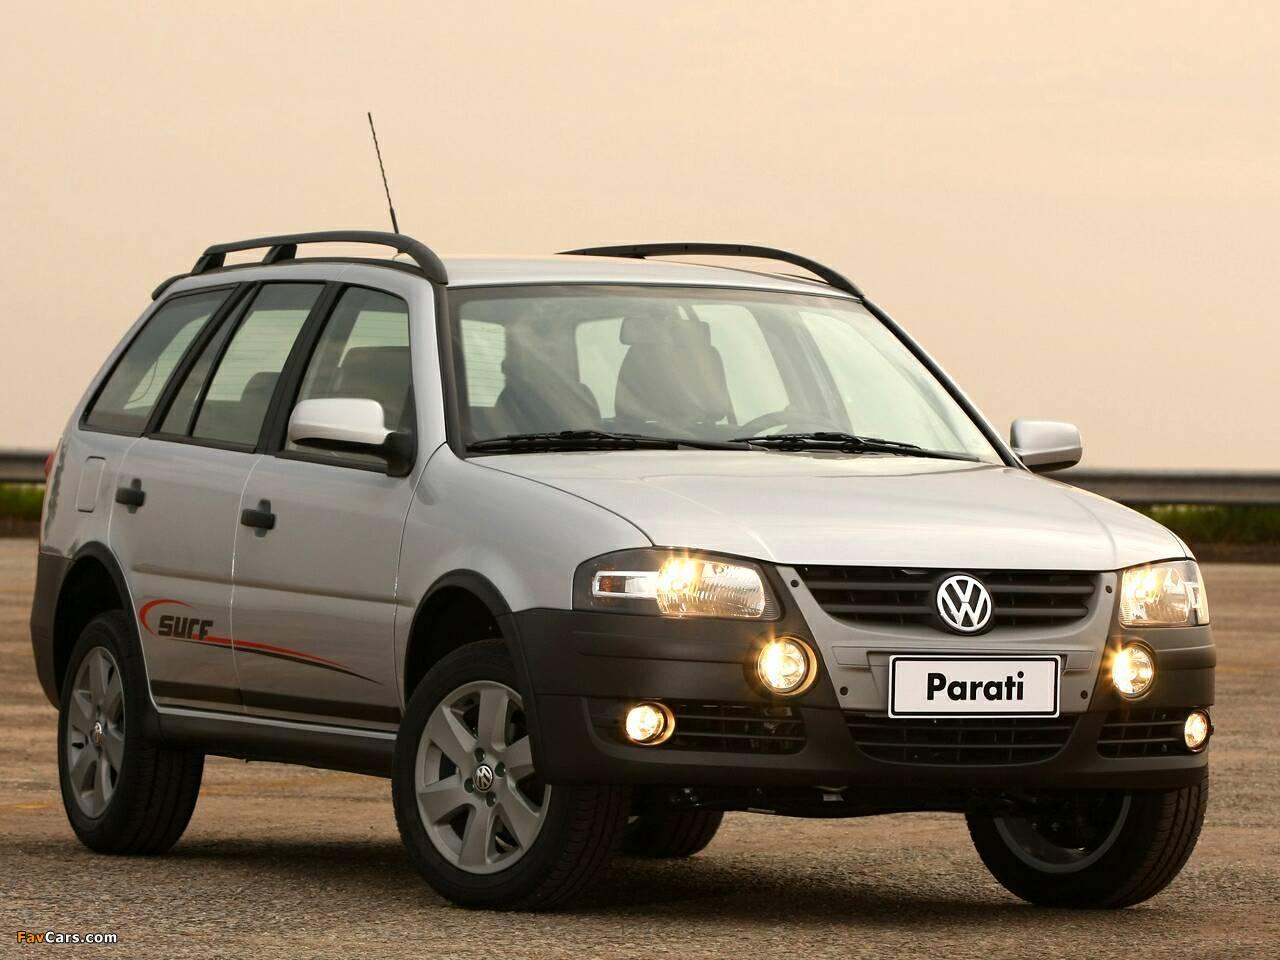 Photos Of Volkswagen Parati Surf 2008 1280x960